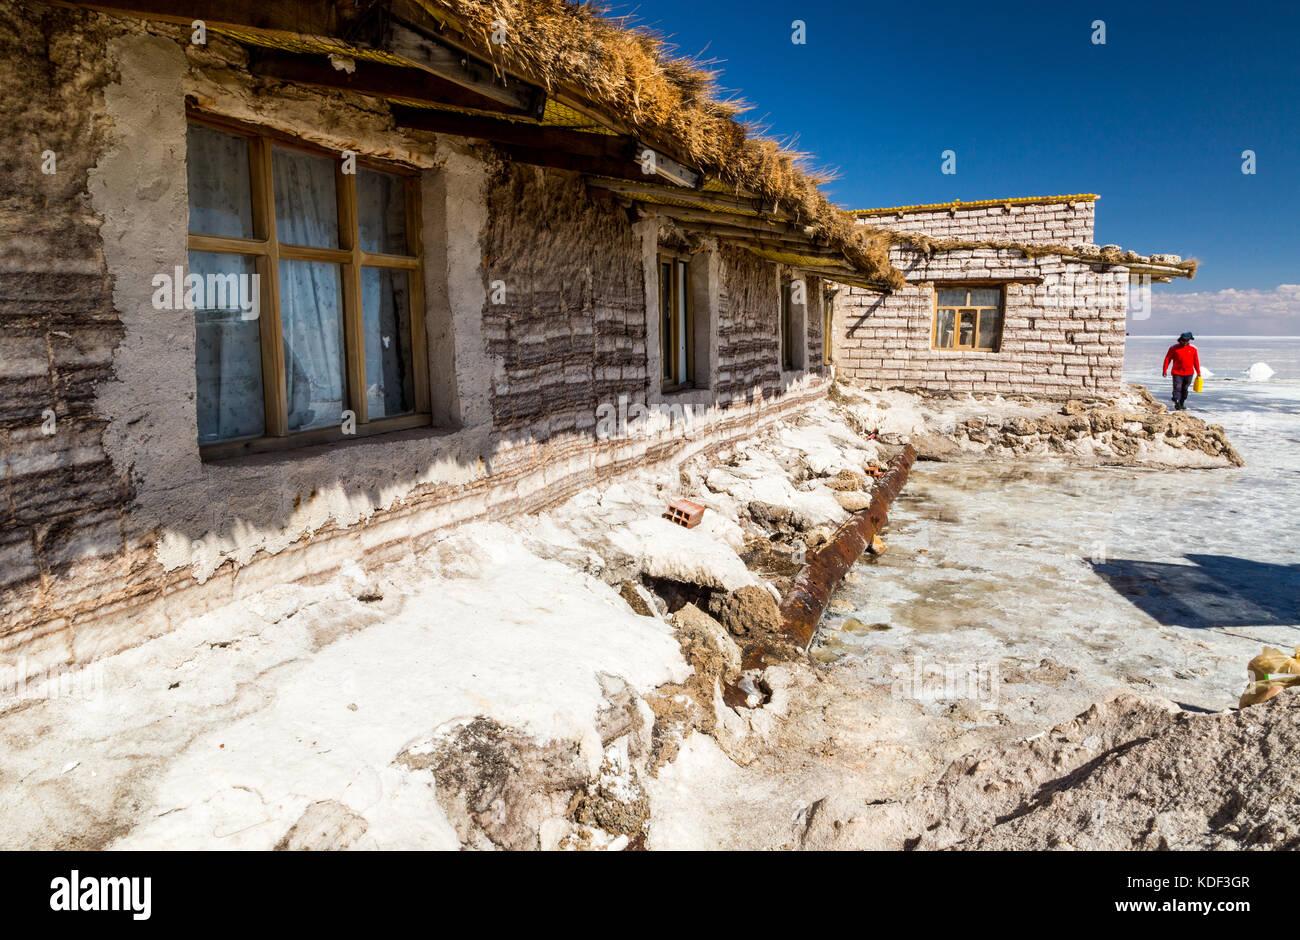 Casa de la sal en el Salar de Uyuni, Bolivia Imagen De Stock